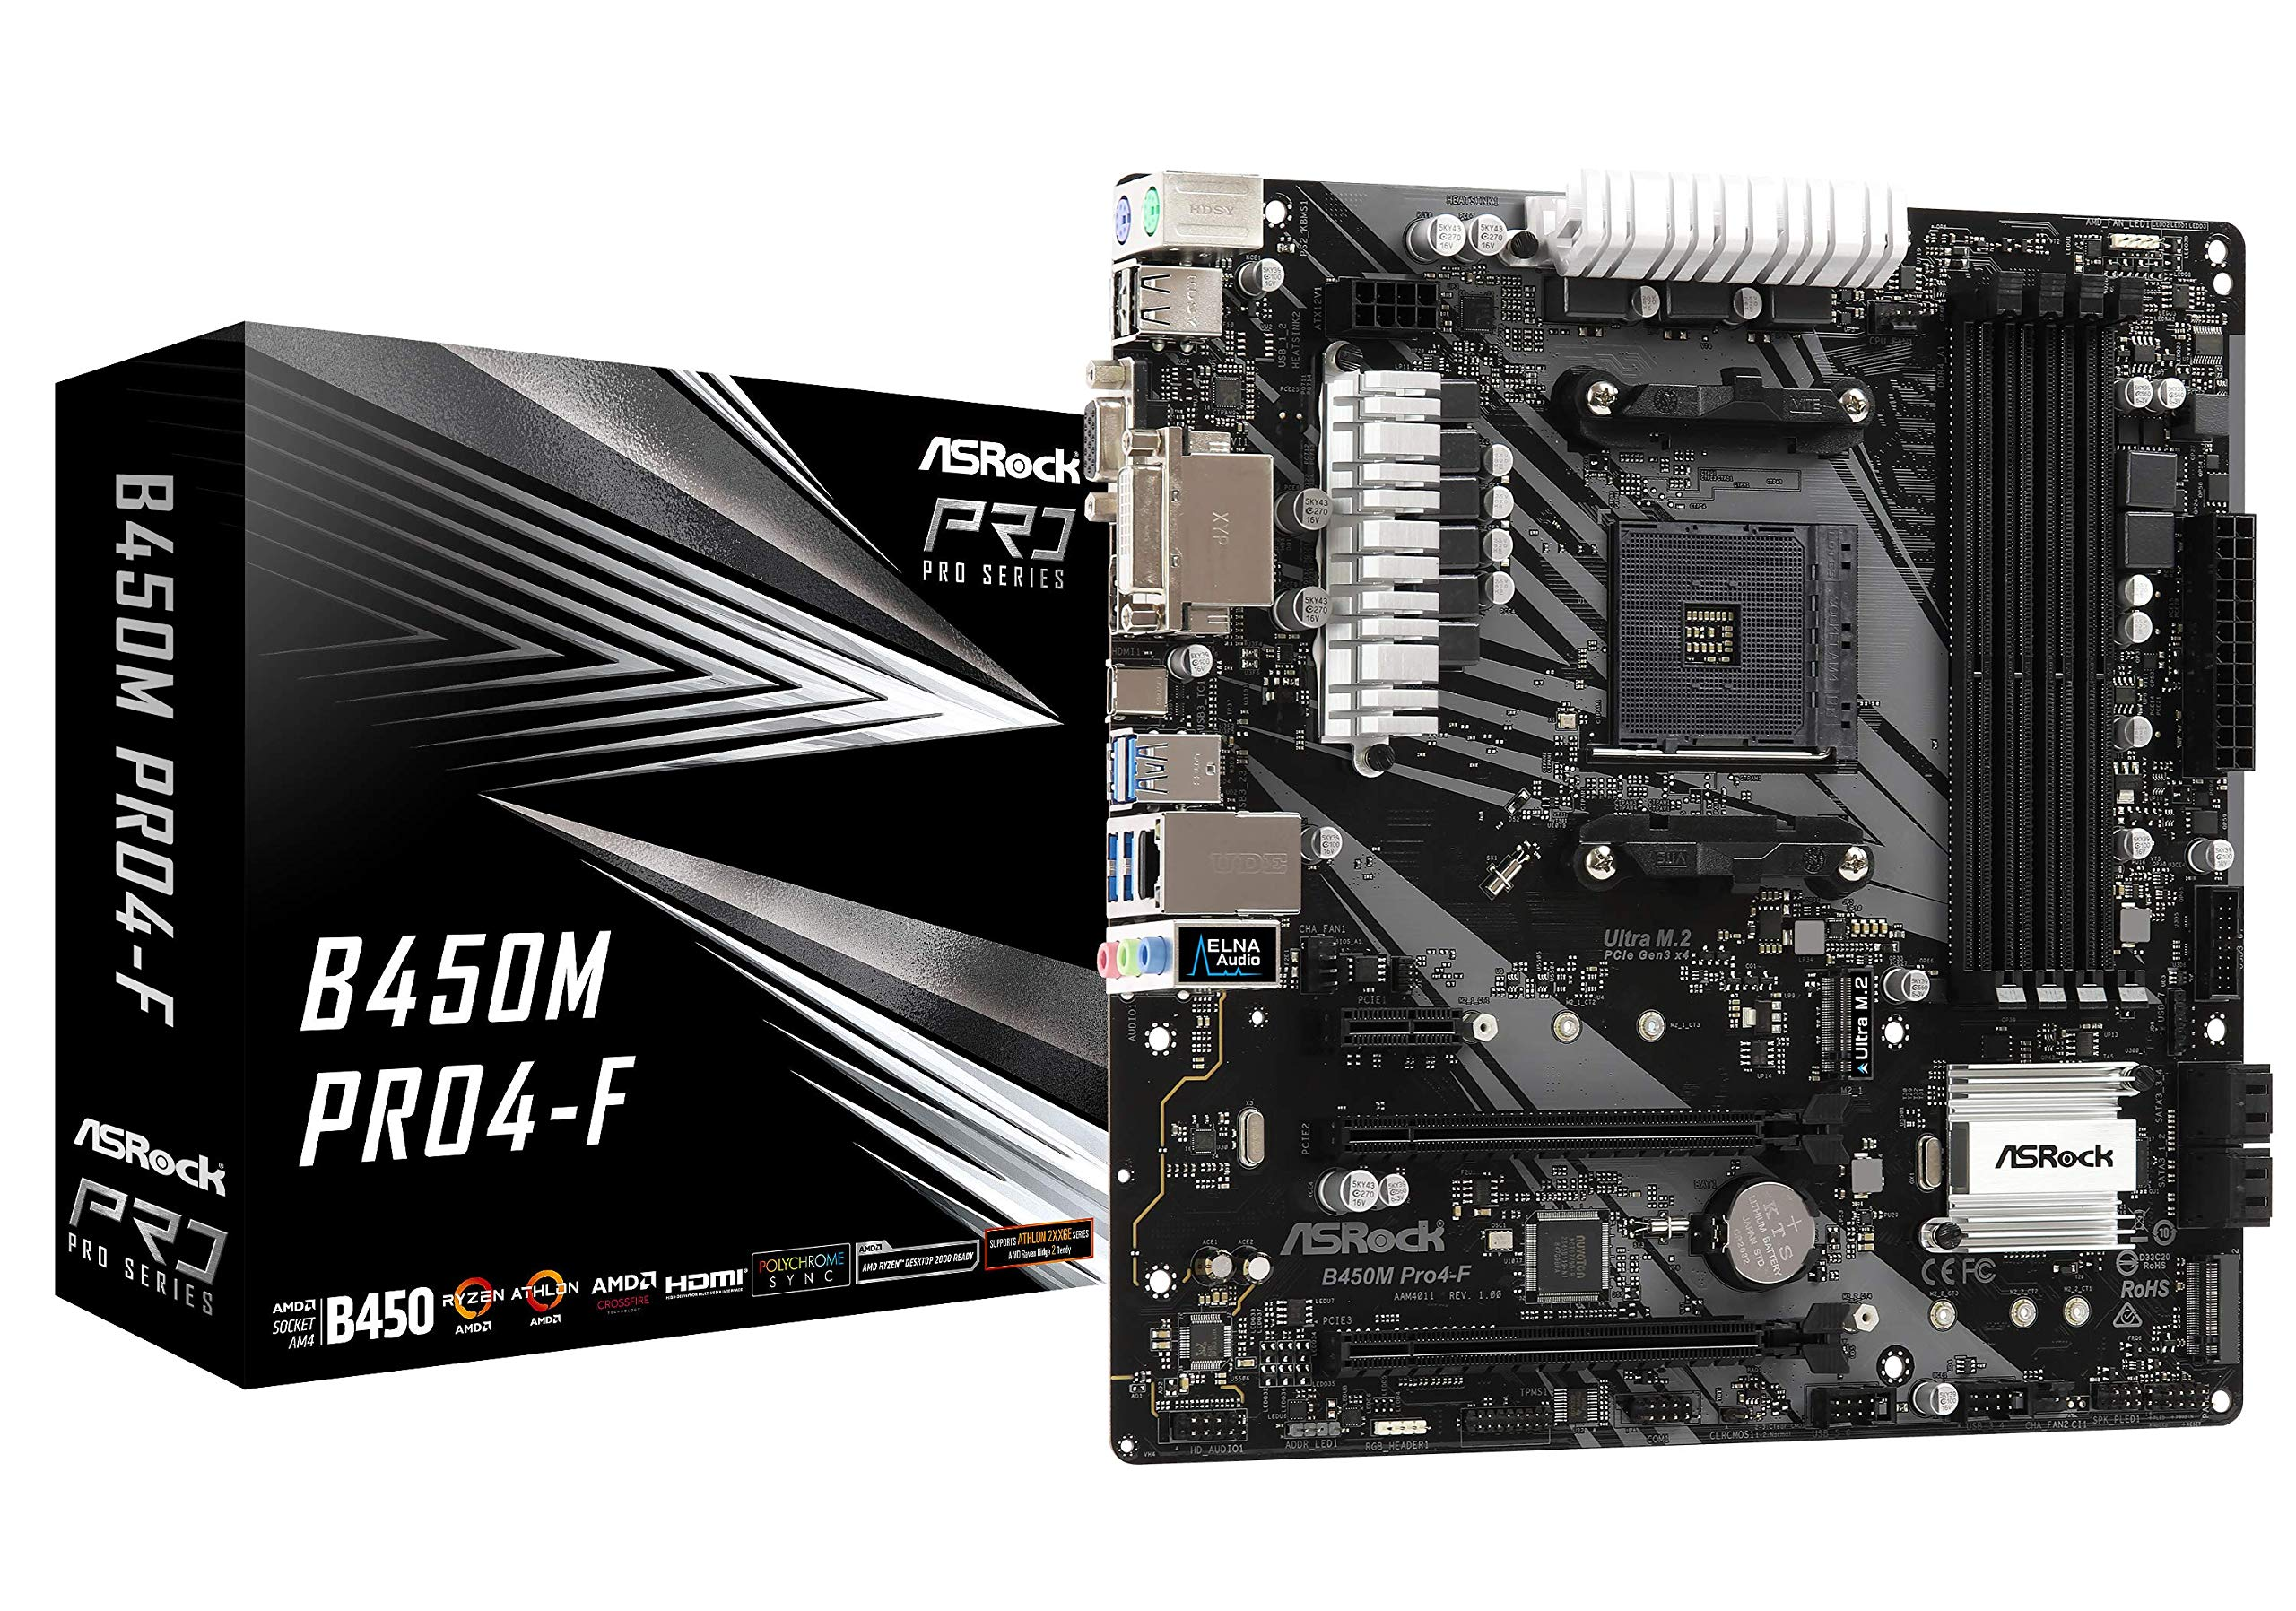 ASRock B450M PRO4-F Socket AM4/ AMD Promontory B450/ DDR4/ Quad CrossFireX/ SATA3&USB3.1/ M.2/ A&GbE/MicroATX Motherboard by ASRock